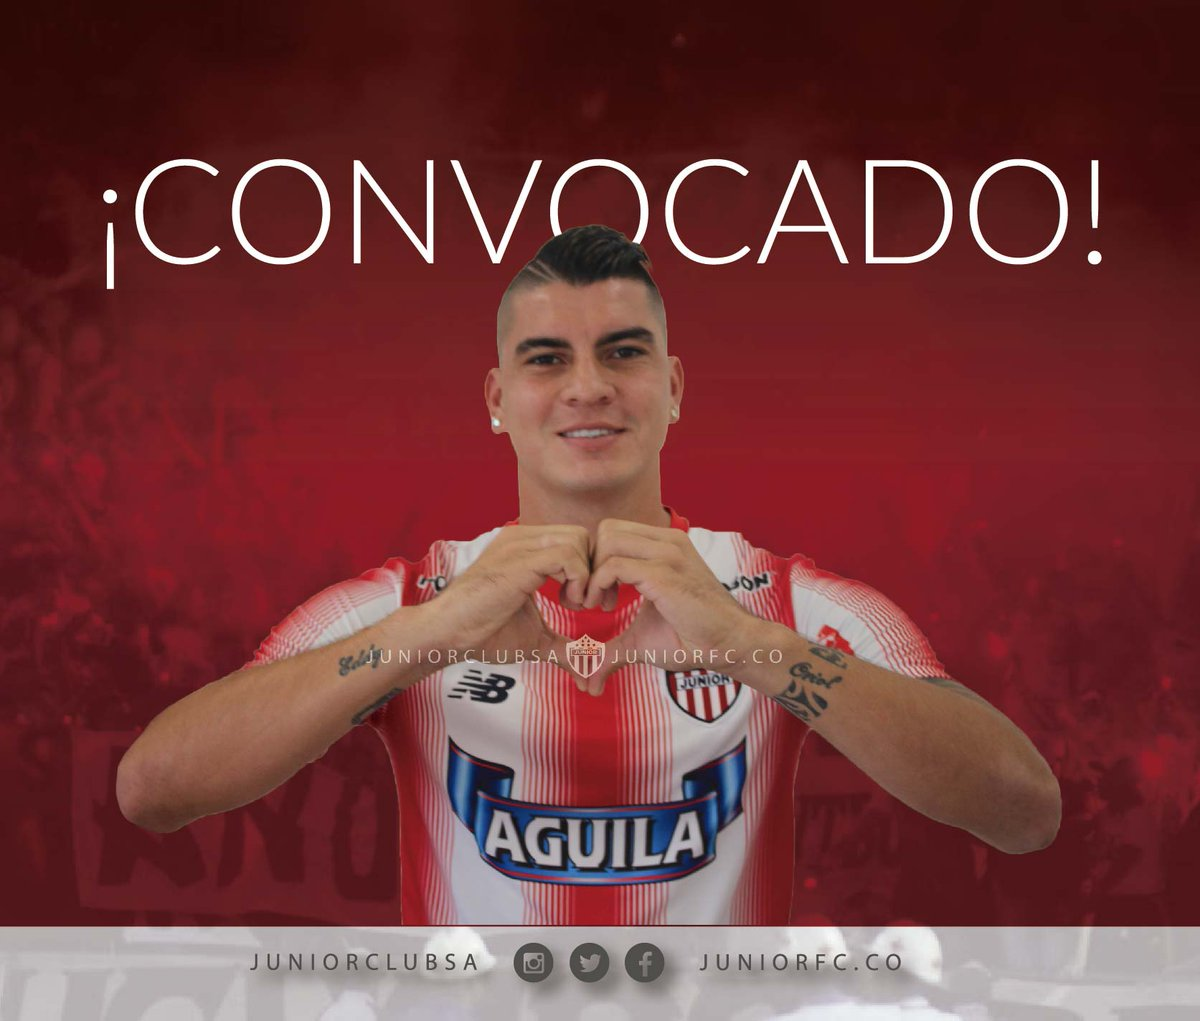 MICHAEL RANGEL CONVOCADO A LA SELECCIÓN COLOMBIA https://t.co/JIg6geSj...